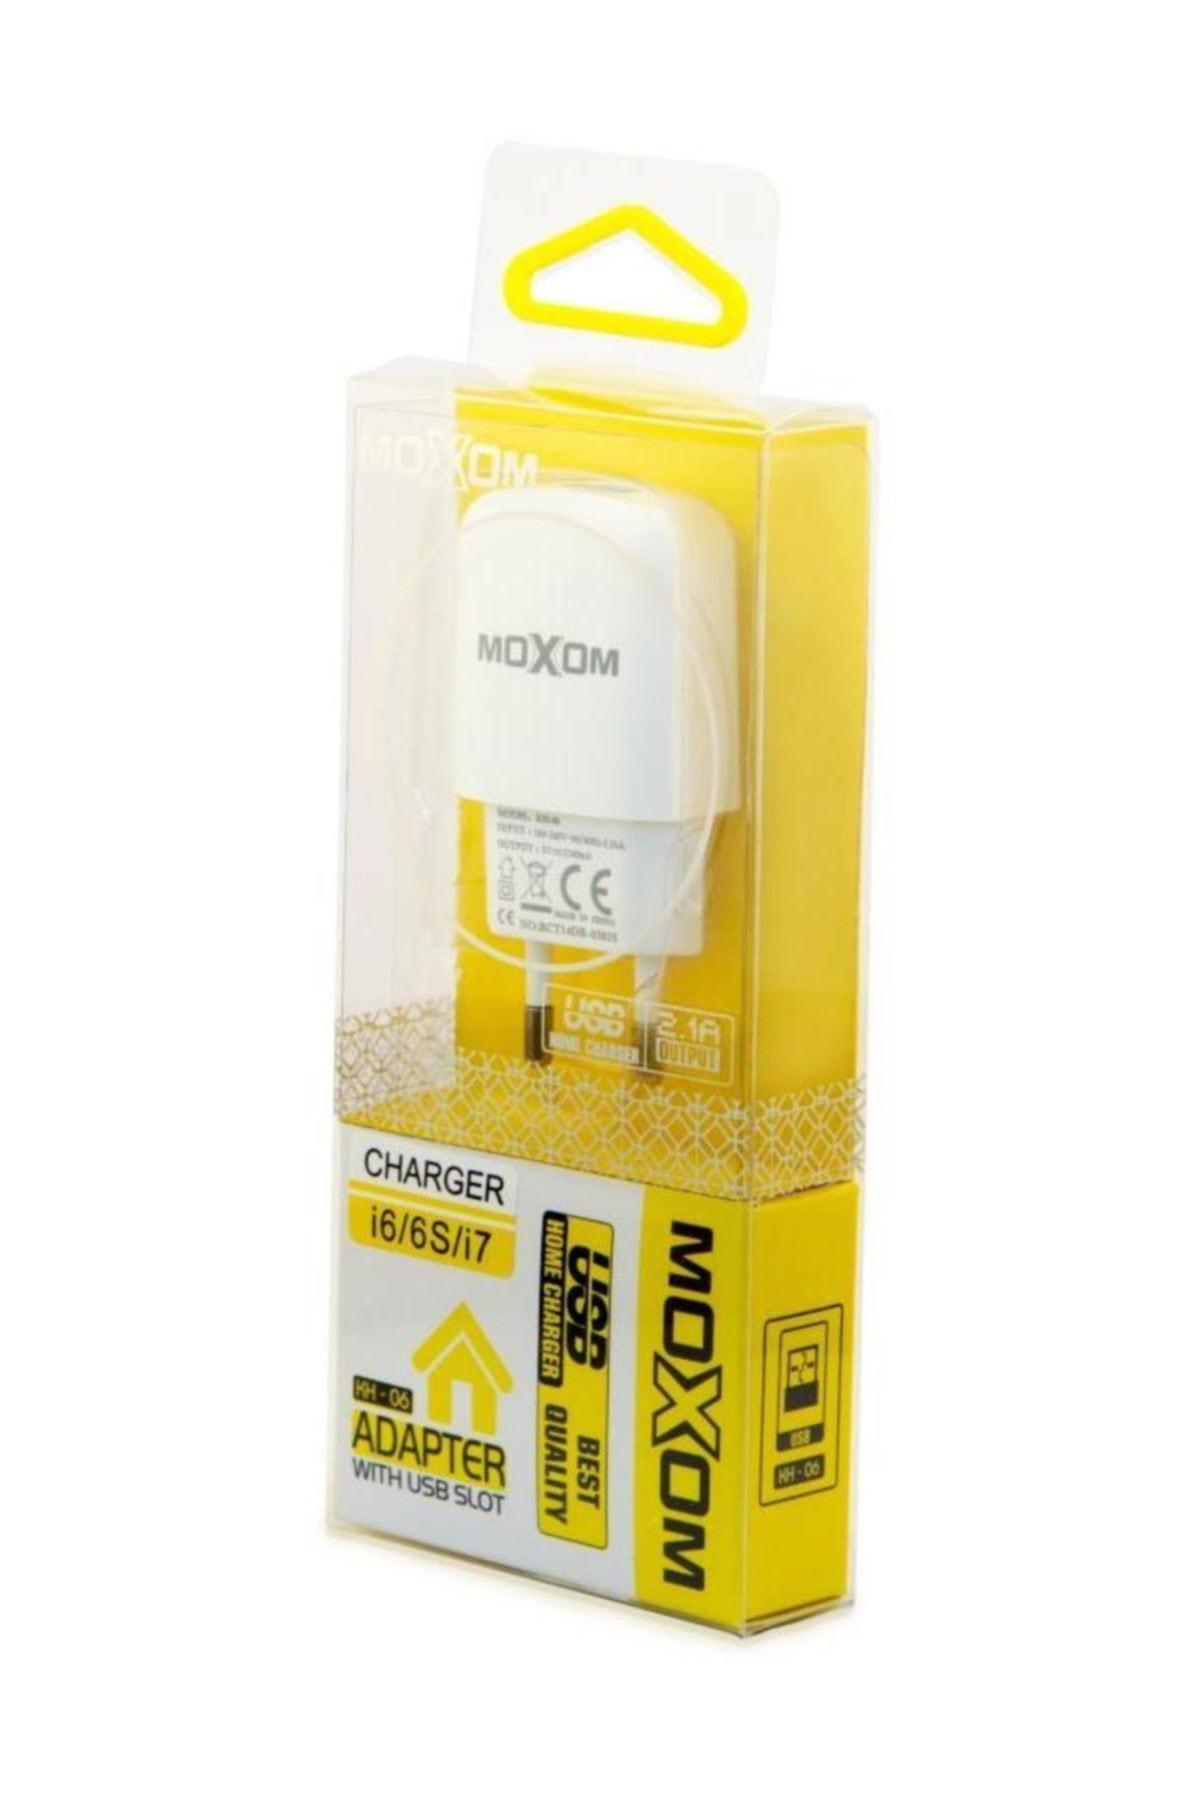 MOXOM Iphone 5 6 7 8 X Ipad Uyumlu Şarj Aleti 2.1 Amper Hızlı Şarj Seti 1